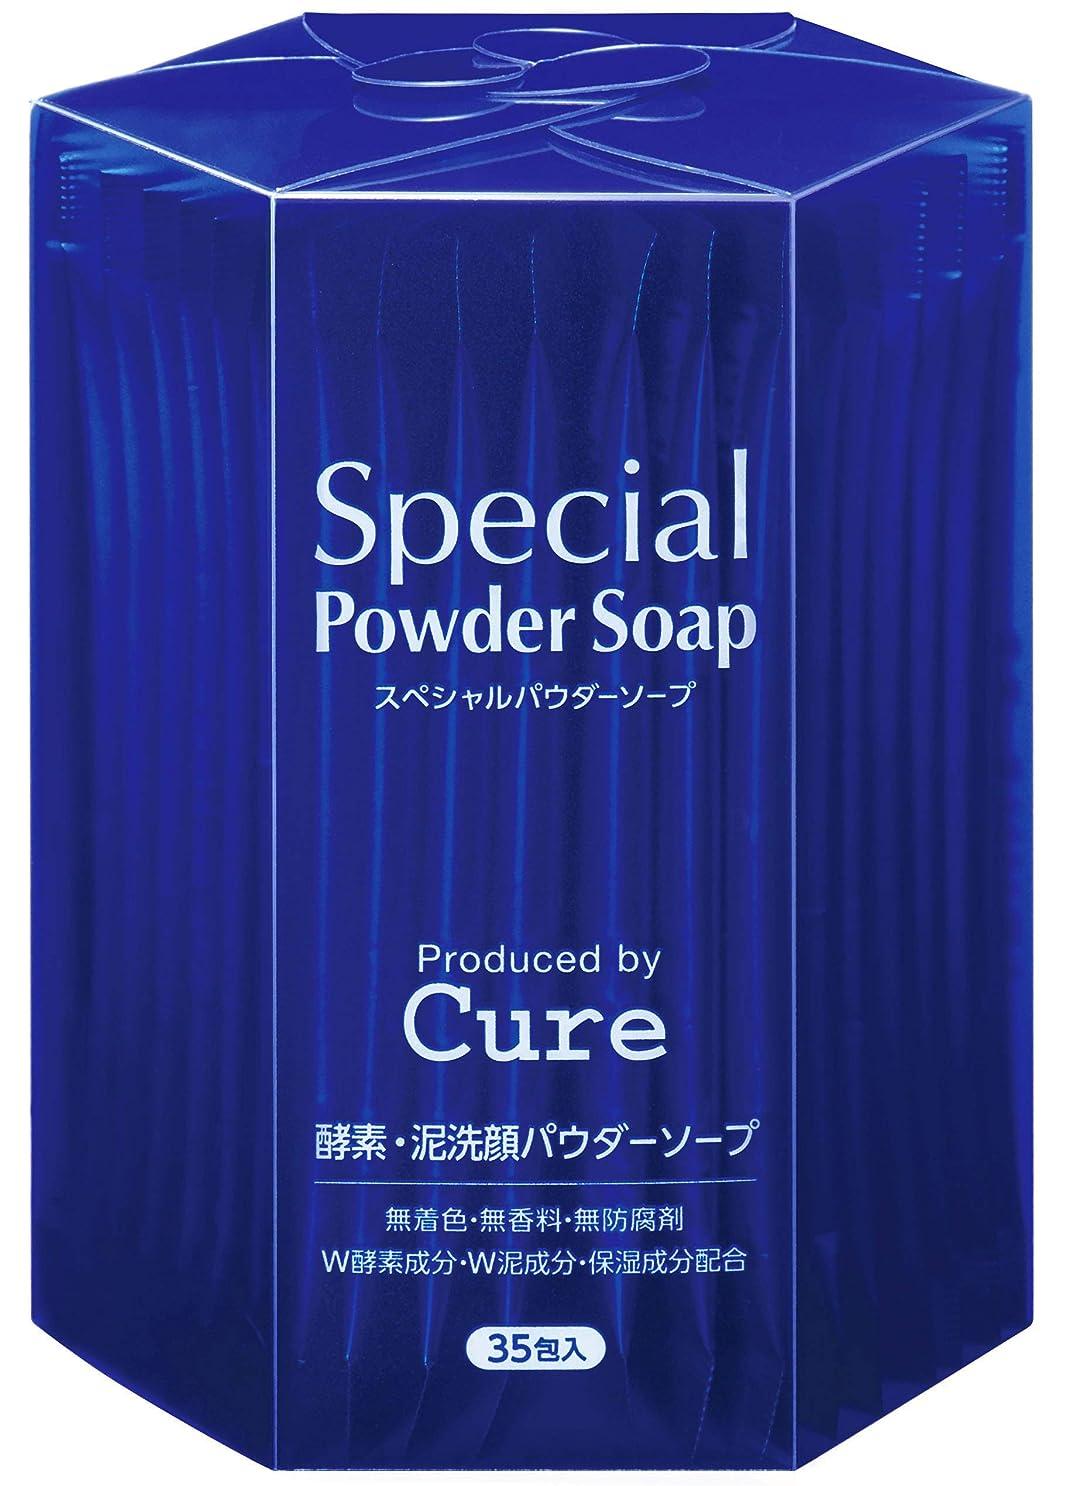 変わる機関車オープニングCure(キュア) 酵素洗顔 Special Powder Soap Cure スペシャルパウダーソープキュア 0.6g×35包 g×35包